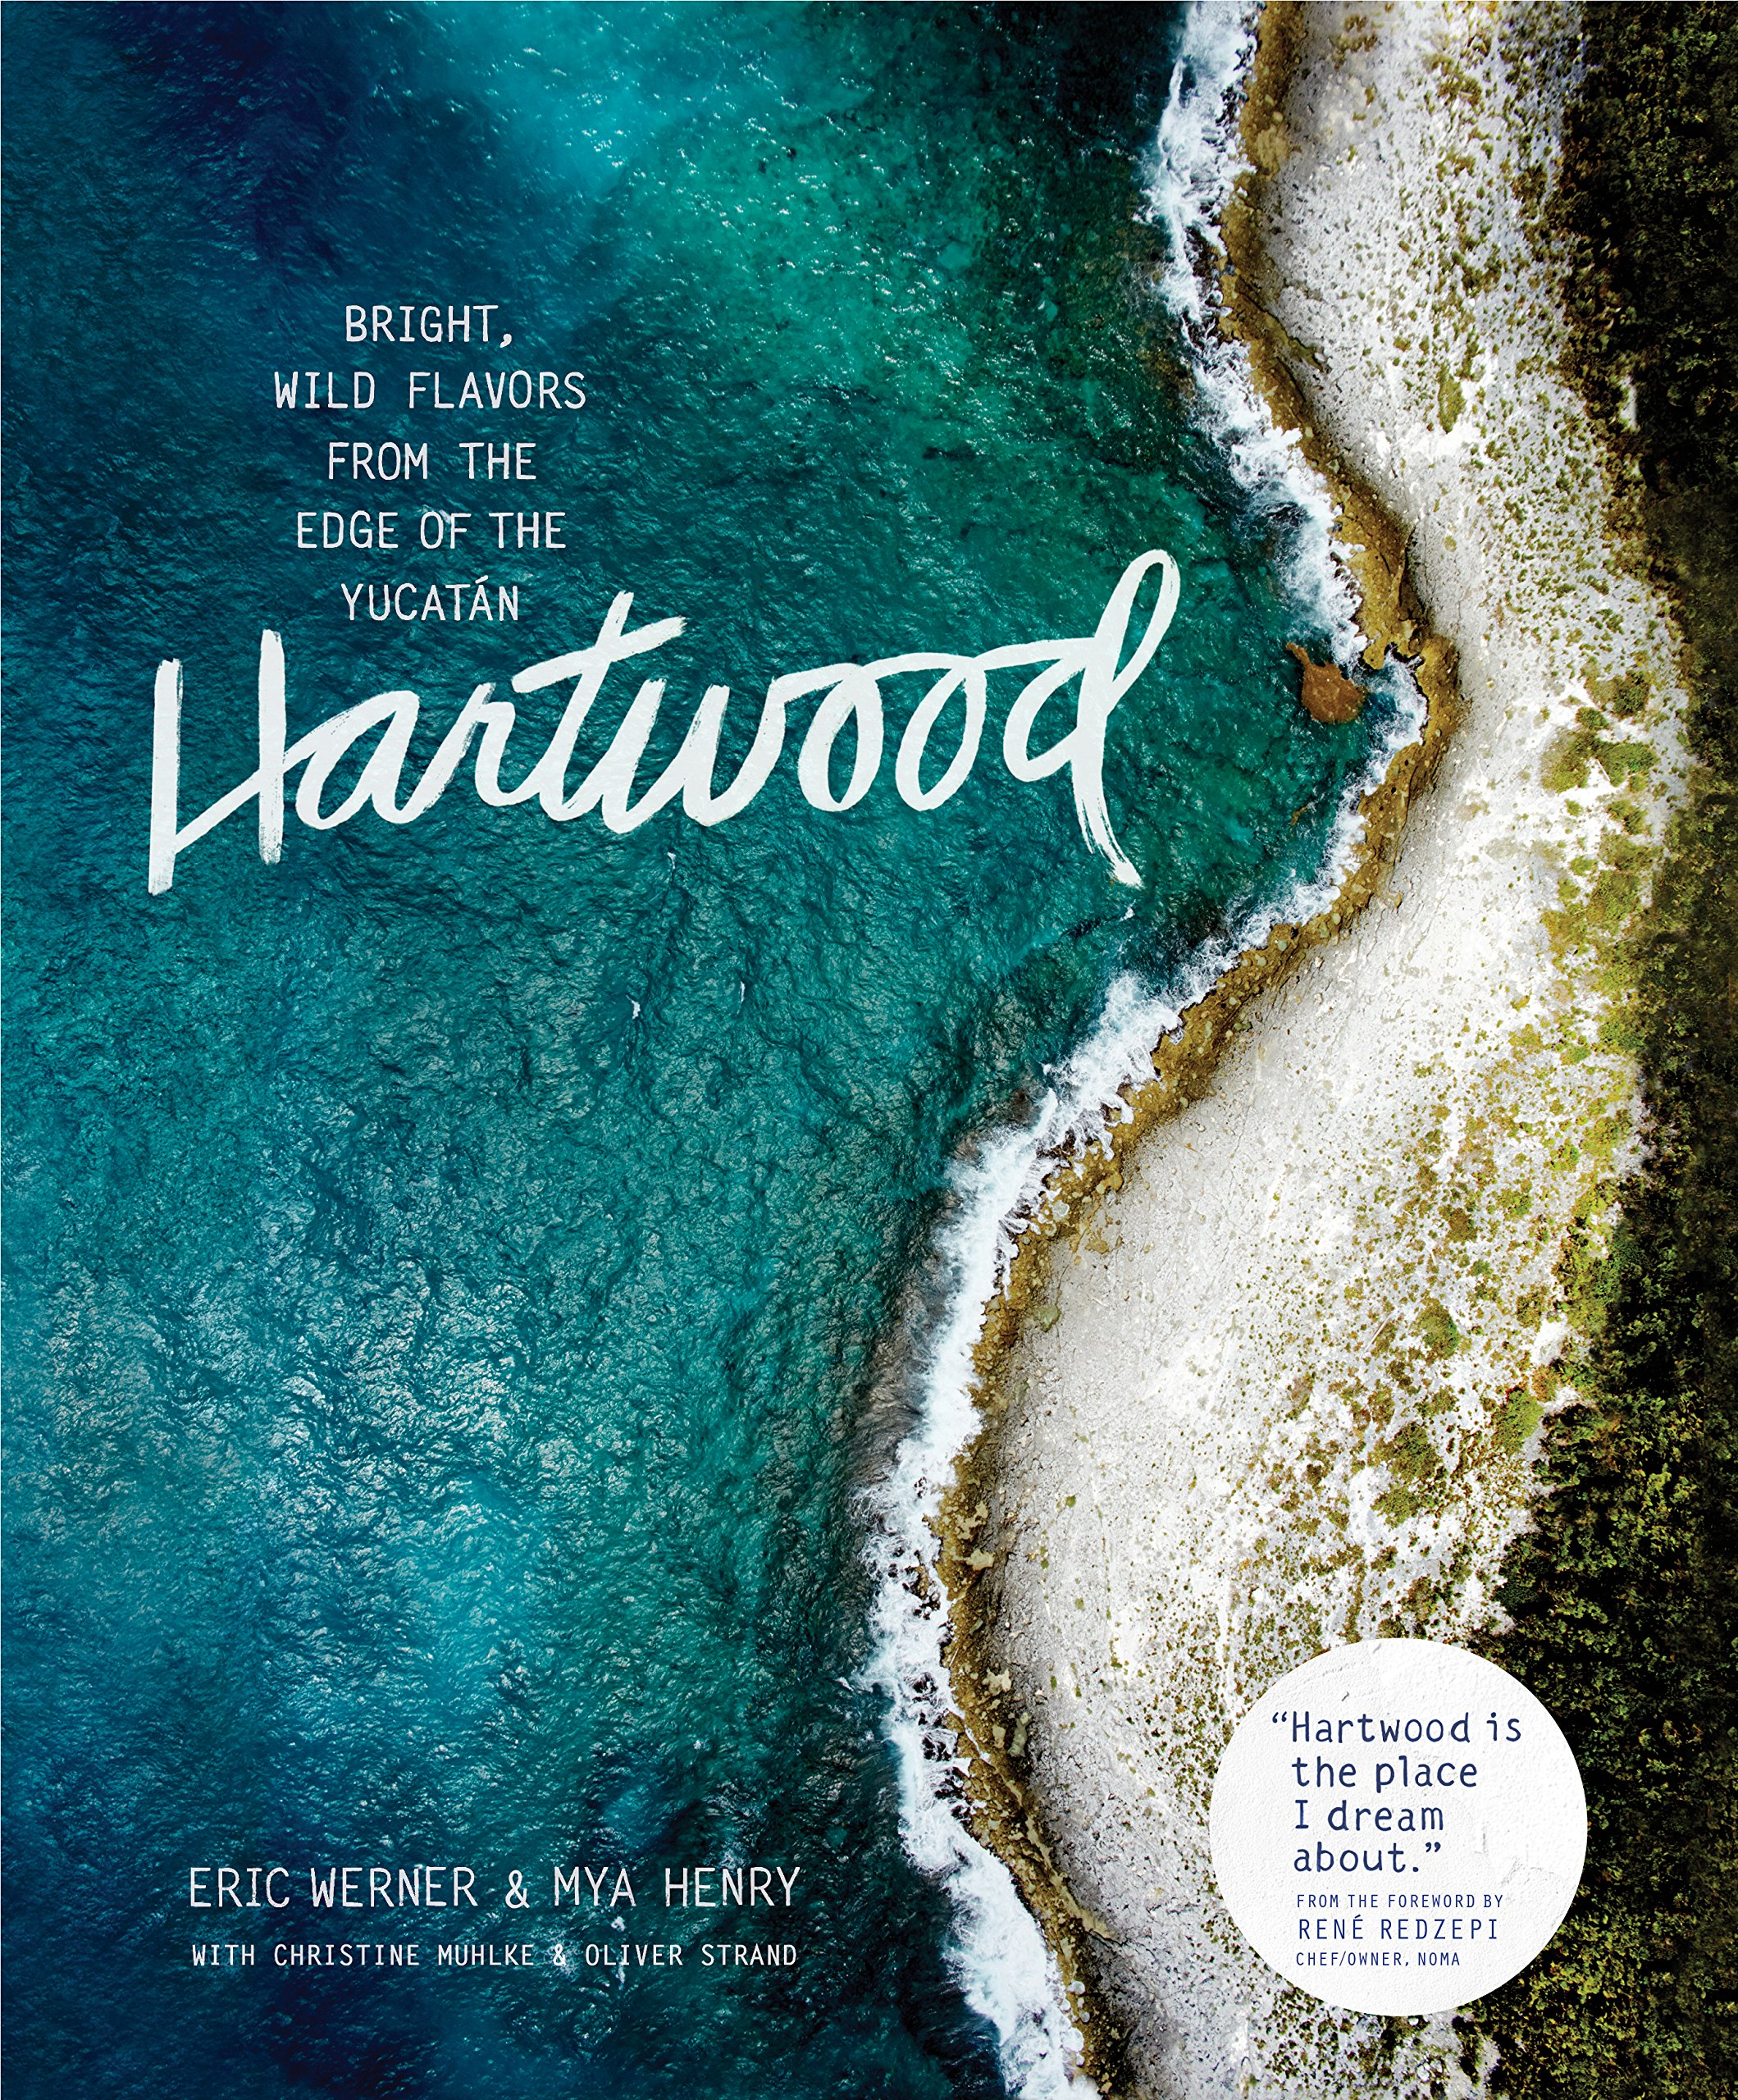 Bildergebnis für hartwood kochbuch